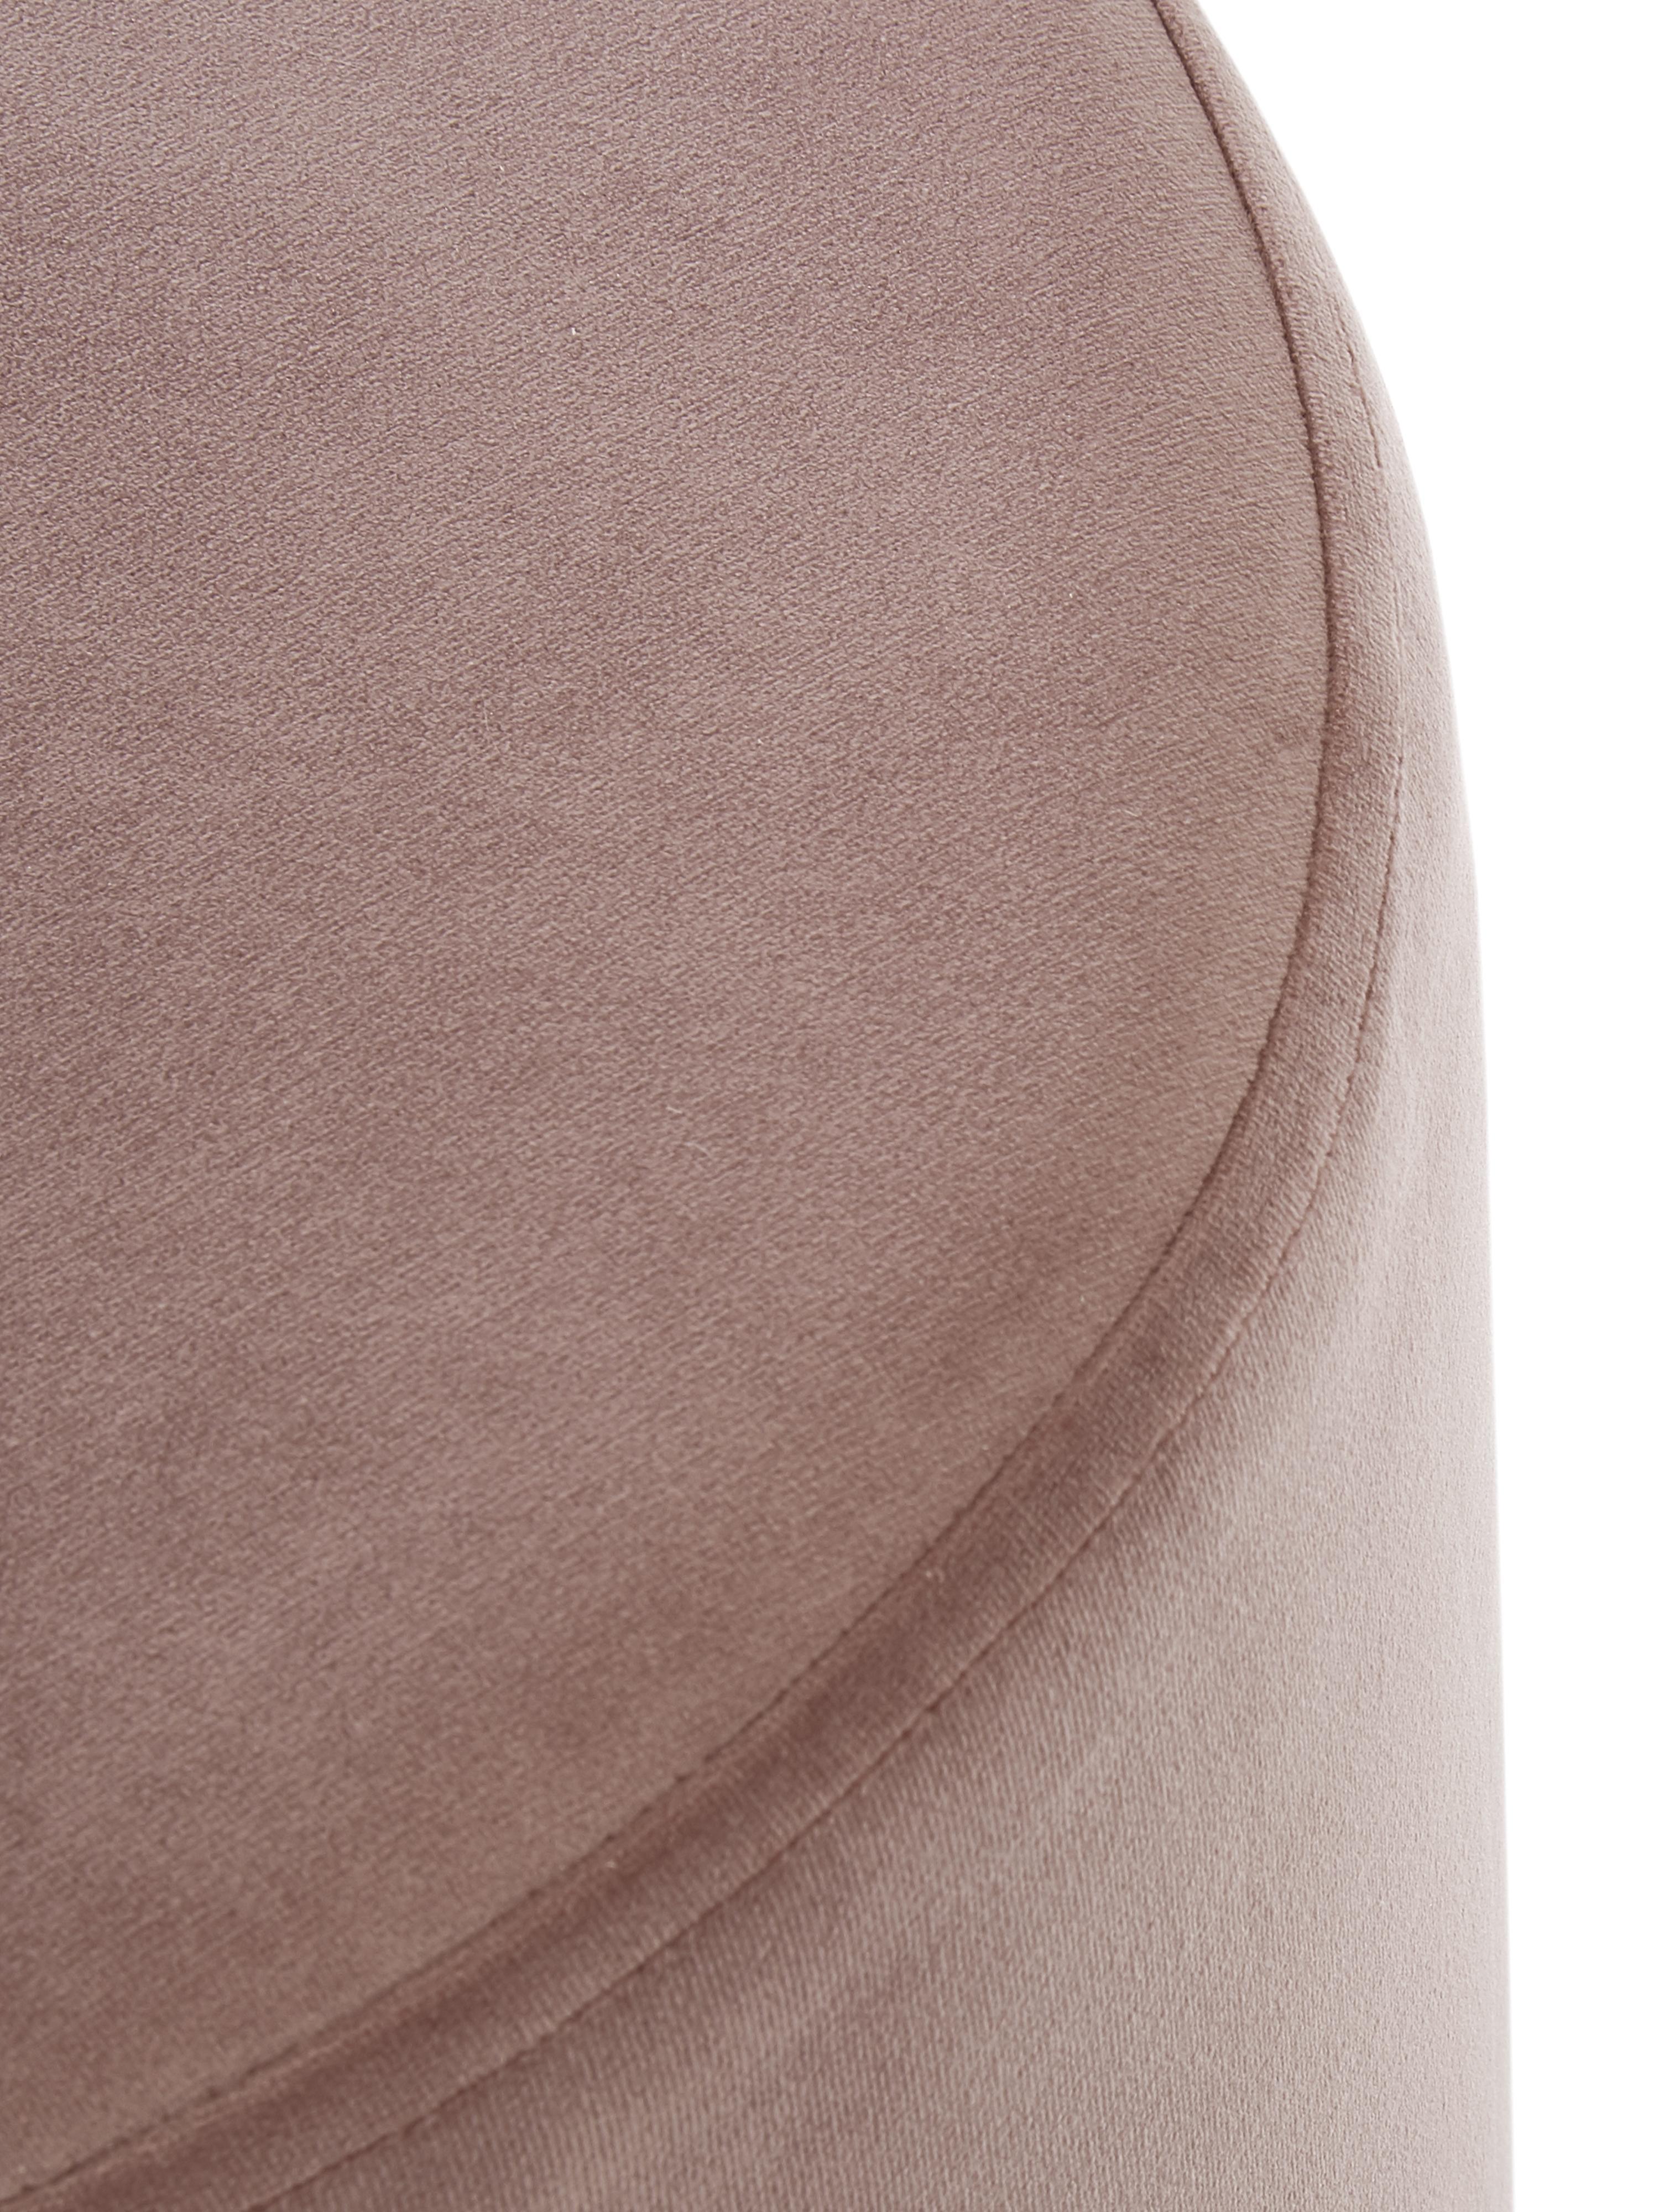 Samt-Hocker Daisy, Bezug: Samt (Polyester) Der hoch, Rahmen: Sperrholz, Samt Rosa, Ø 38 x H 45 cm